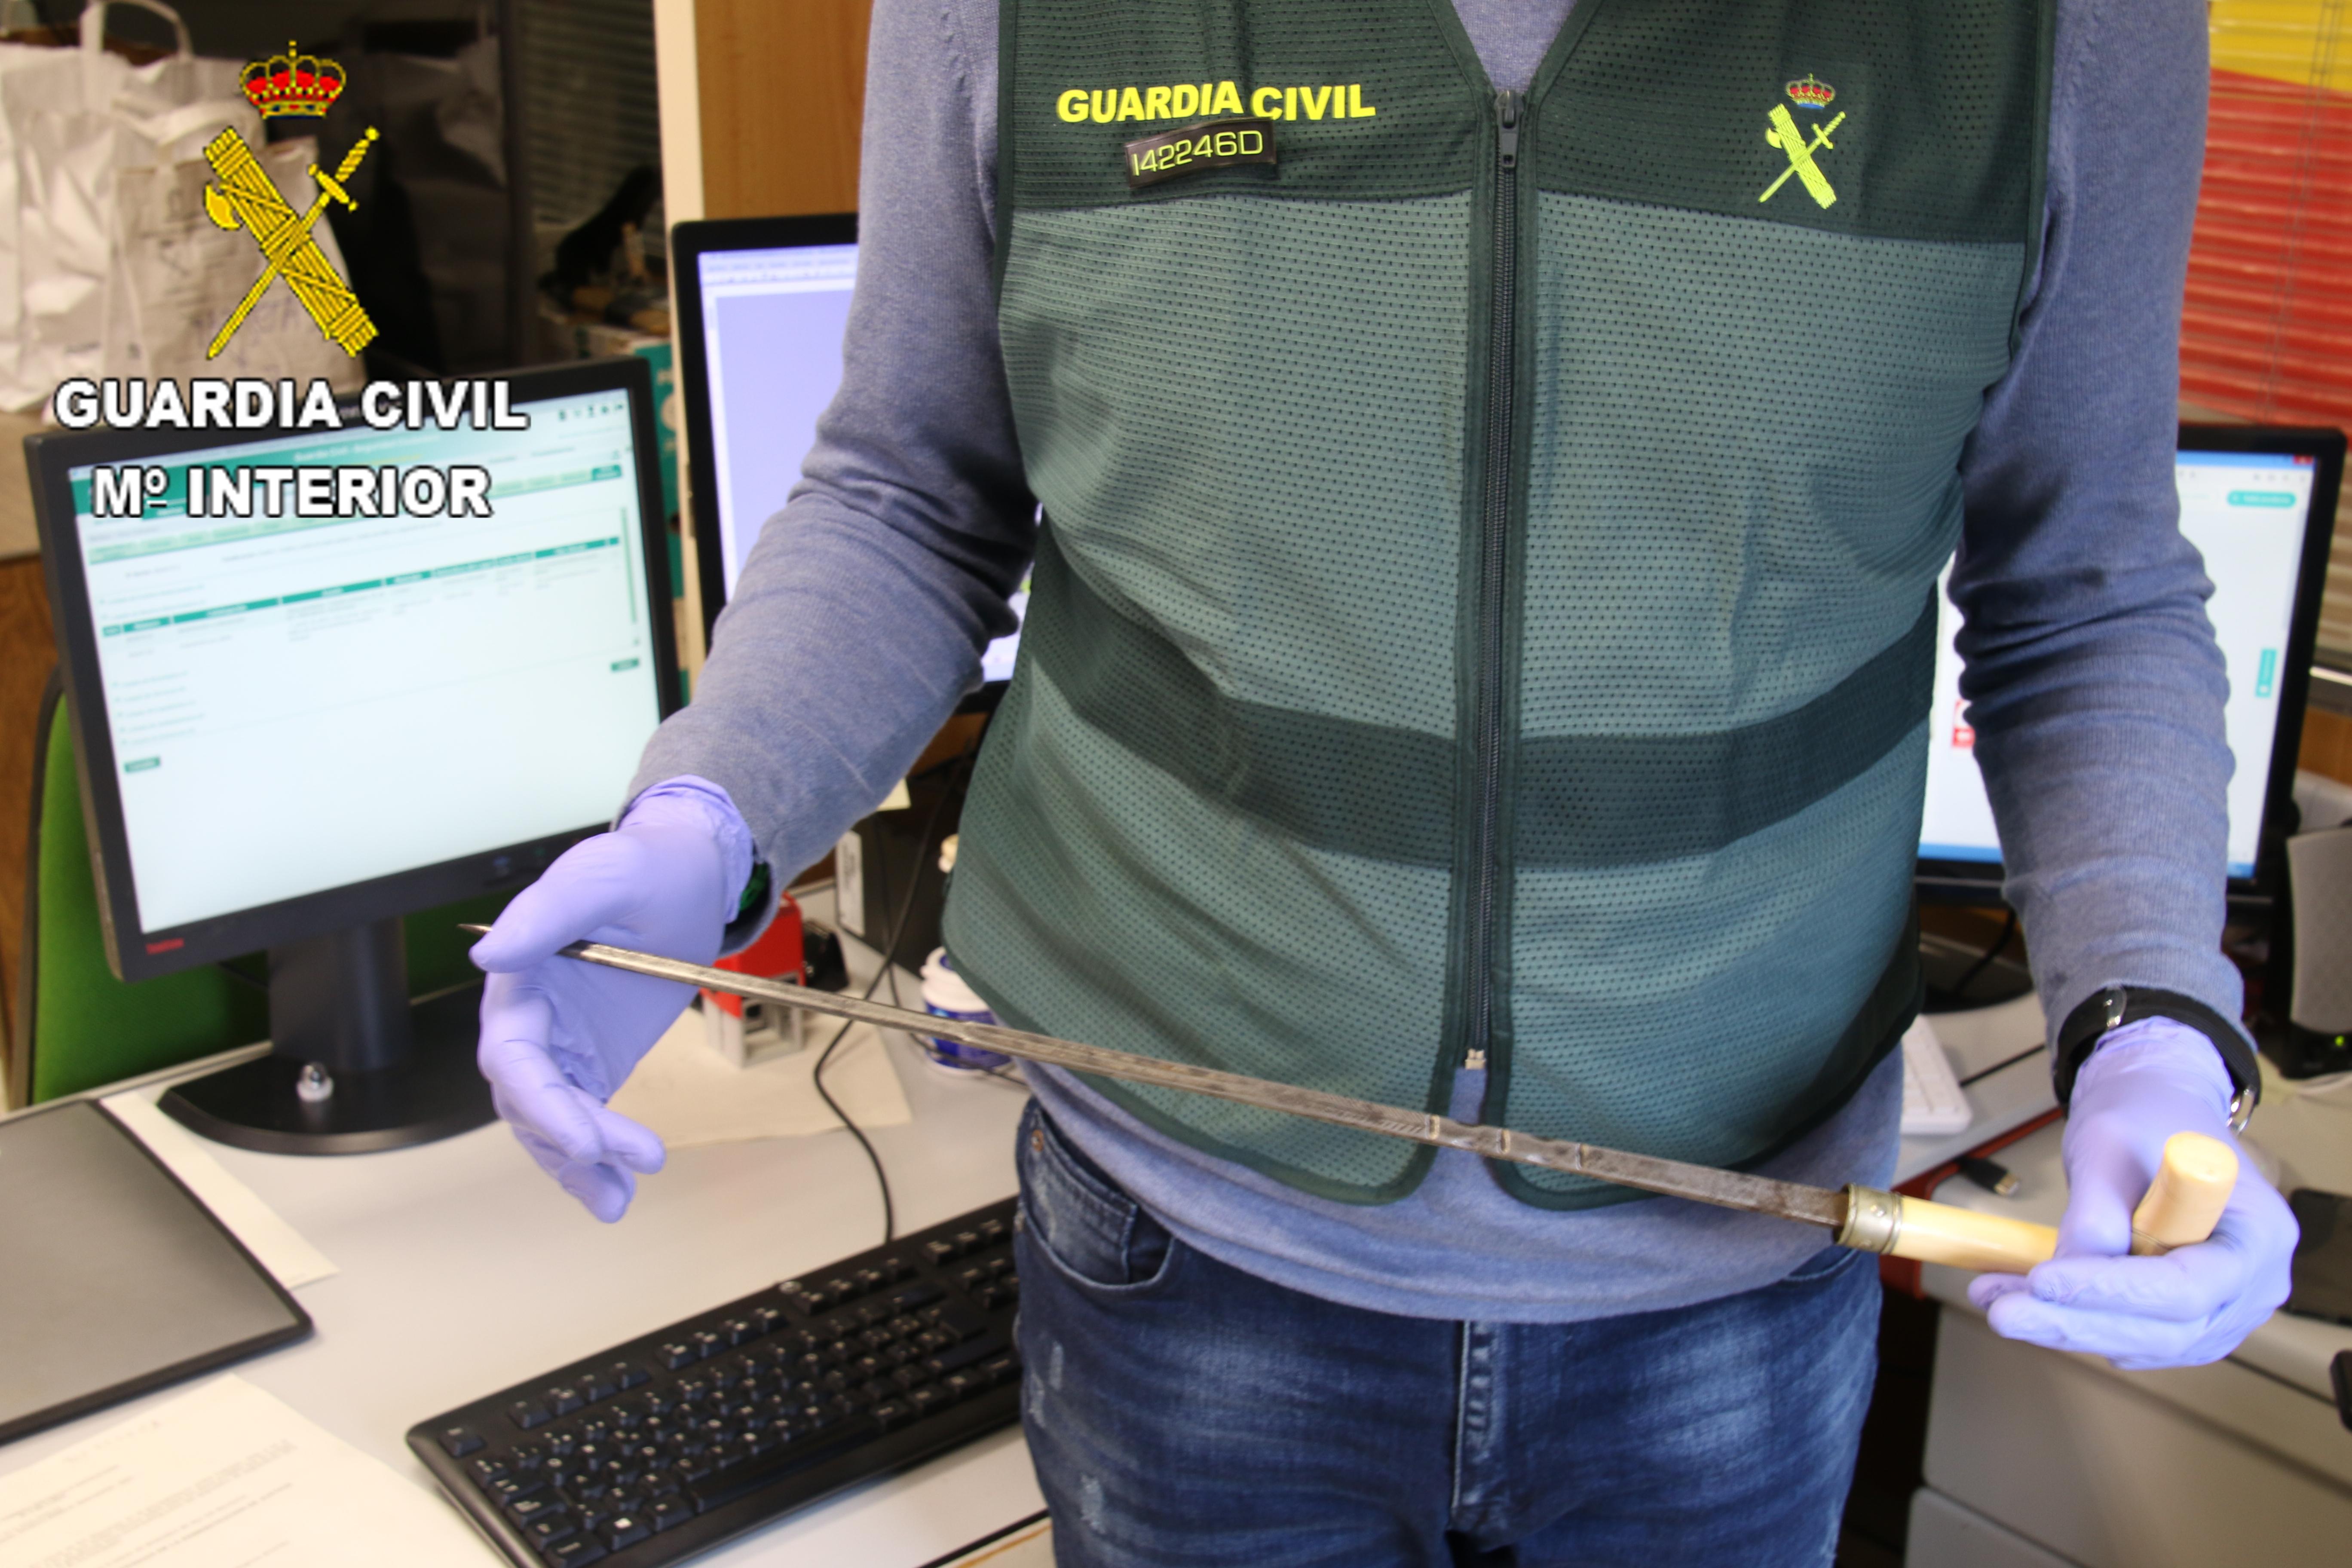 Imagen facilitada por la Guardia Civil del bastón estoque.